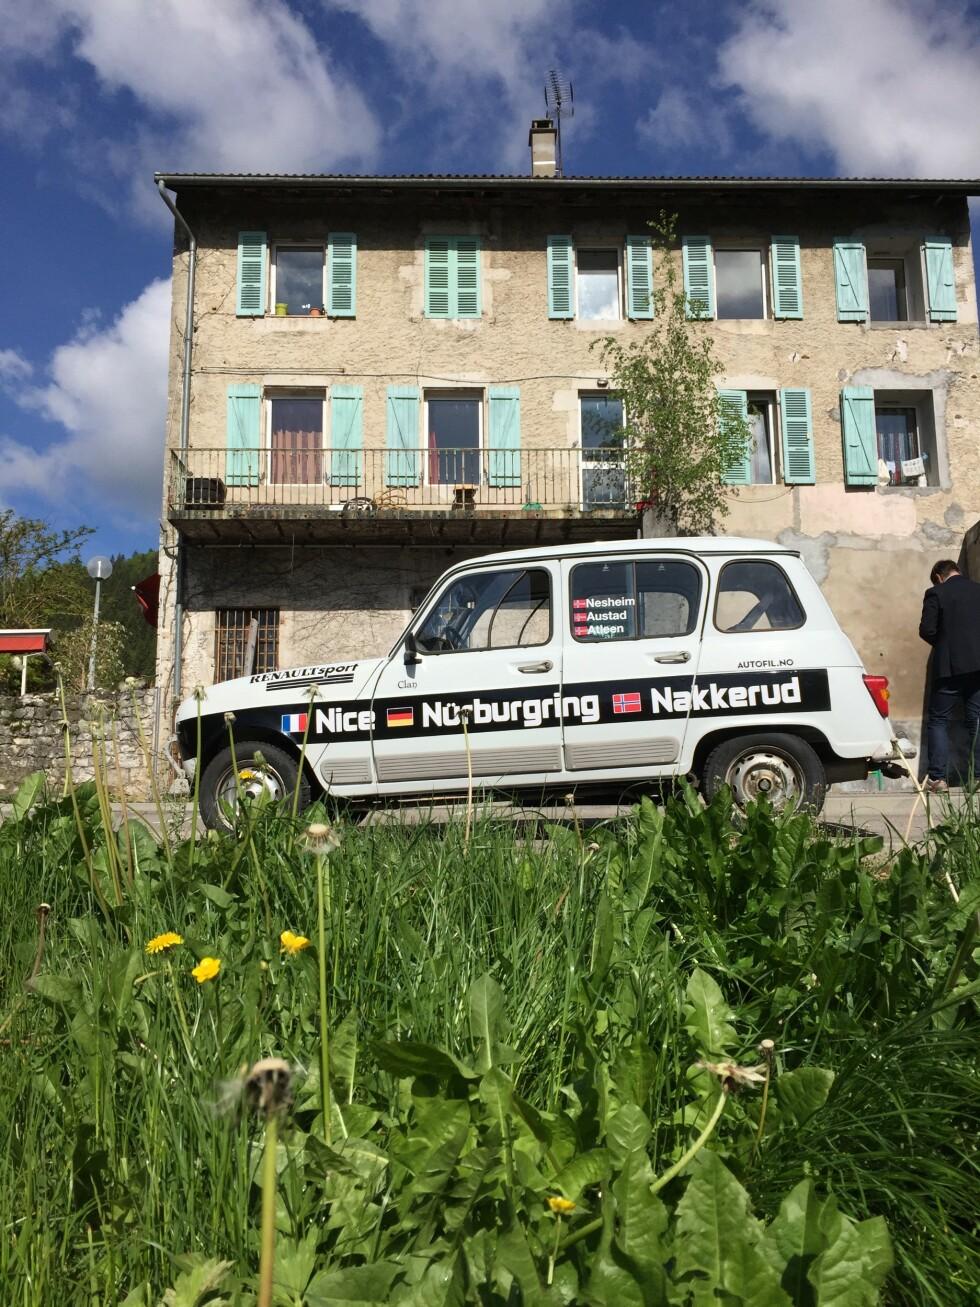 <strong>MUR:</strong> Etter en hel dag i Frankrike hadde vi sett nok eng og murbytt. Motorvei next. Foto: Rune M. nesheim